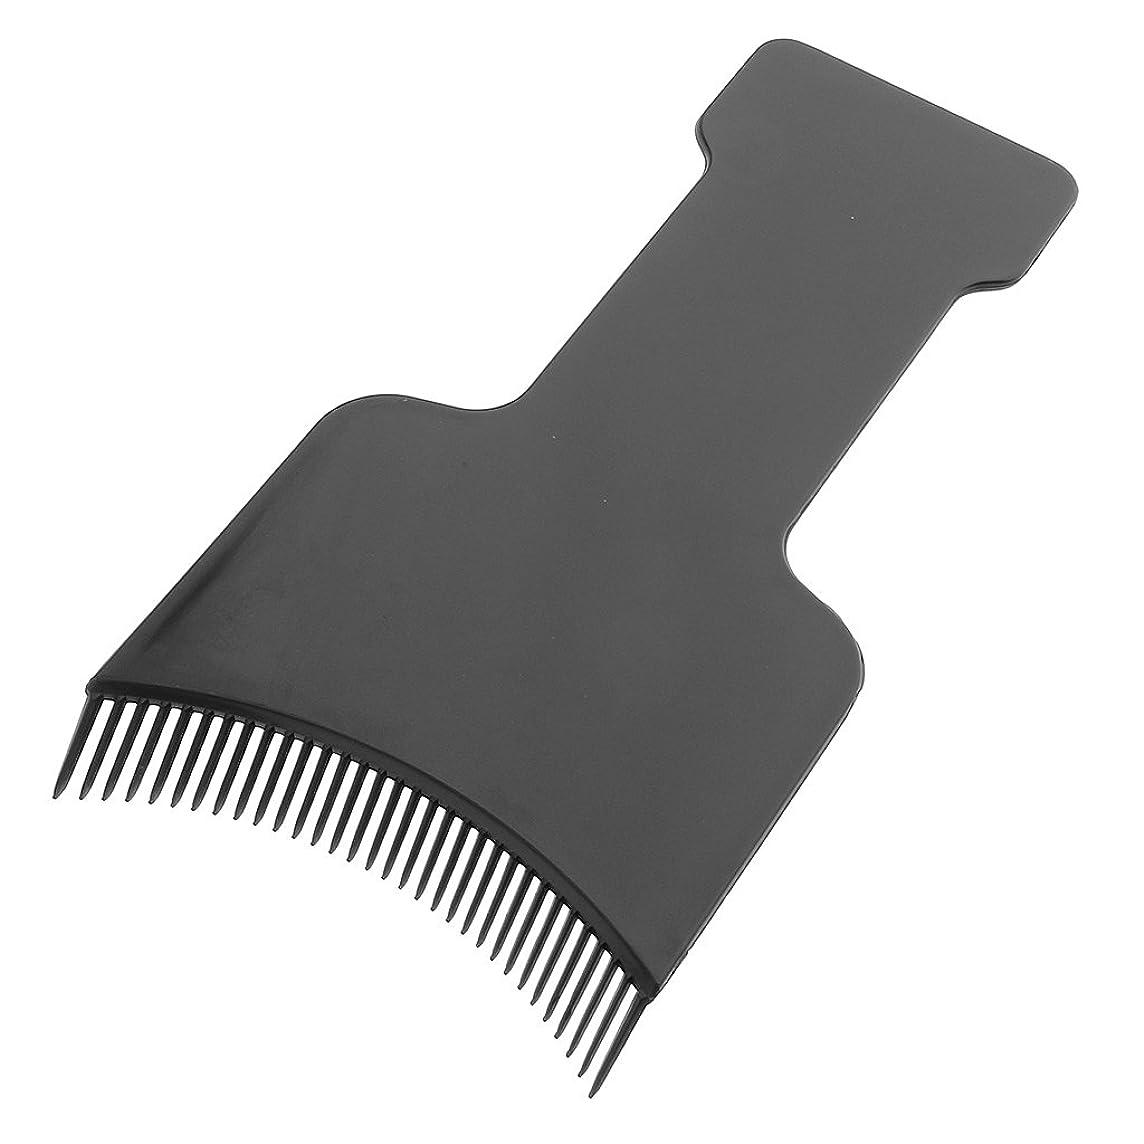 男らしさ手段ハブブPerfeclan ヘアカラーボード サロン ヘアカラー 美容 ヘア ツール 髪 保護 ブラック 全4サイズ - S